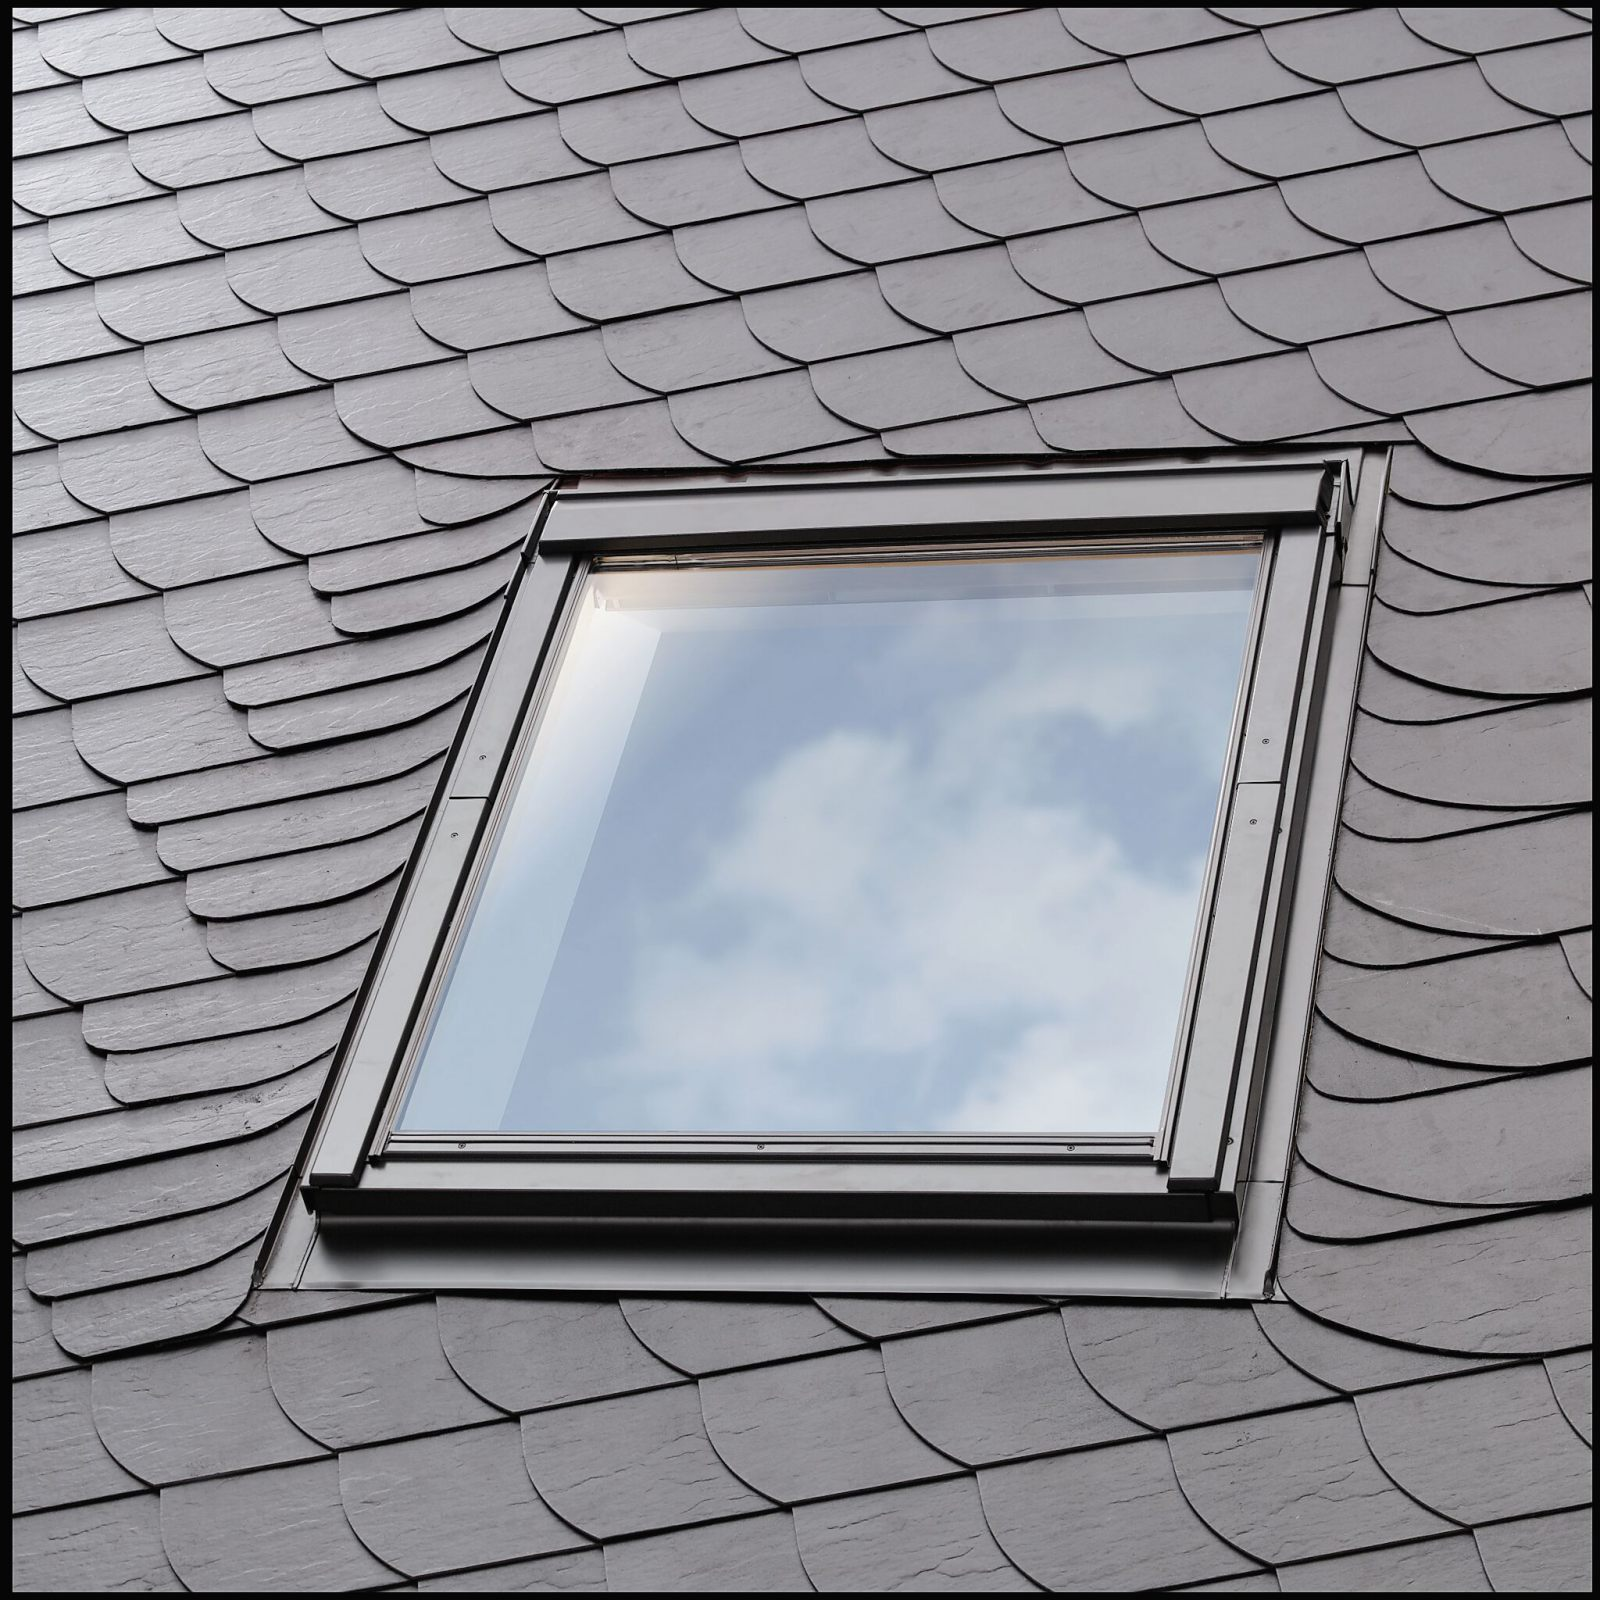 lemování EL 6000 pro výměnu střešního okna Velux: MK06 78x118 cm